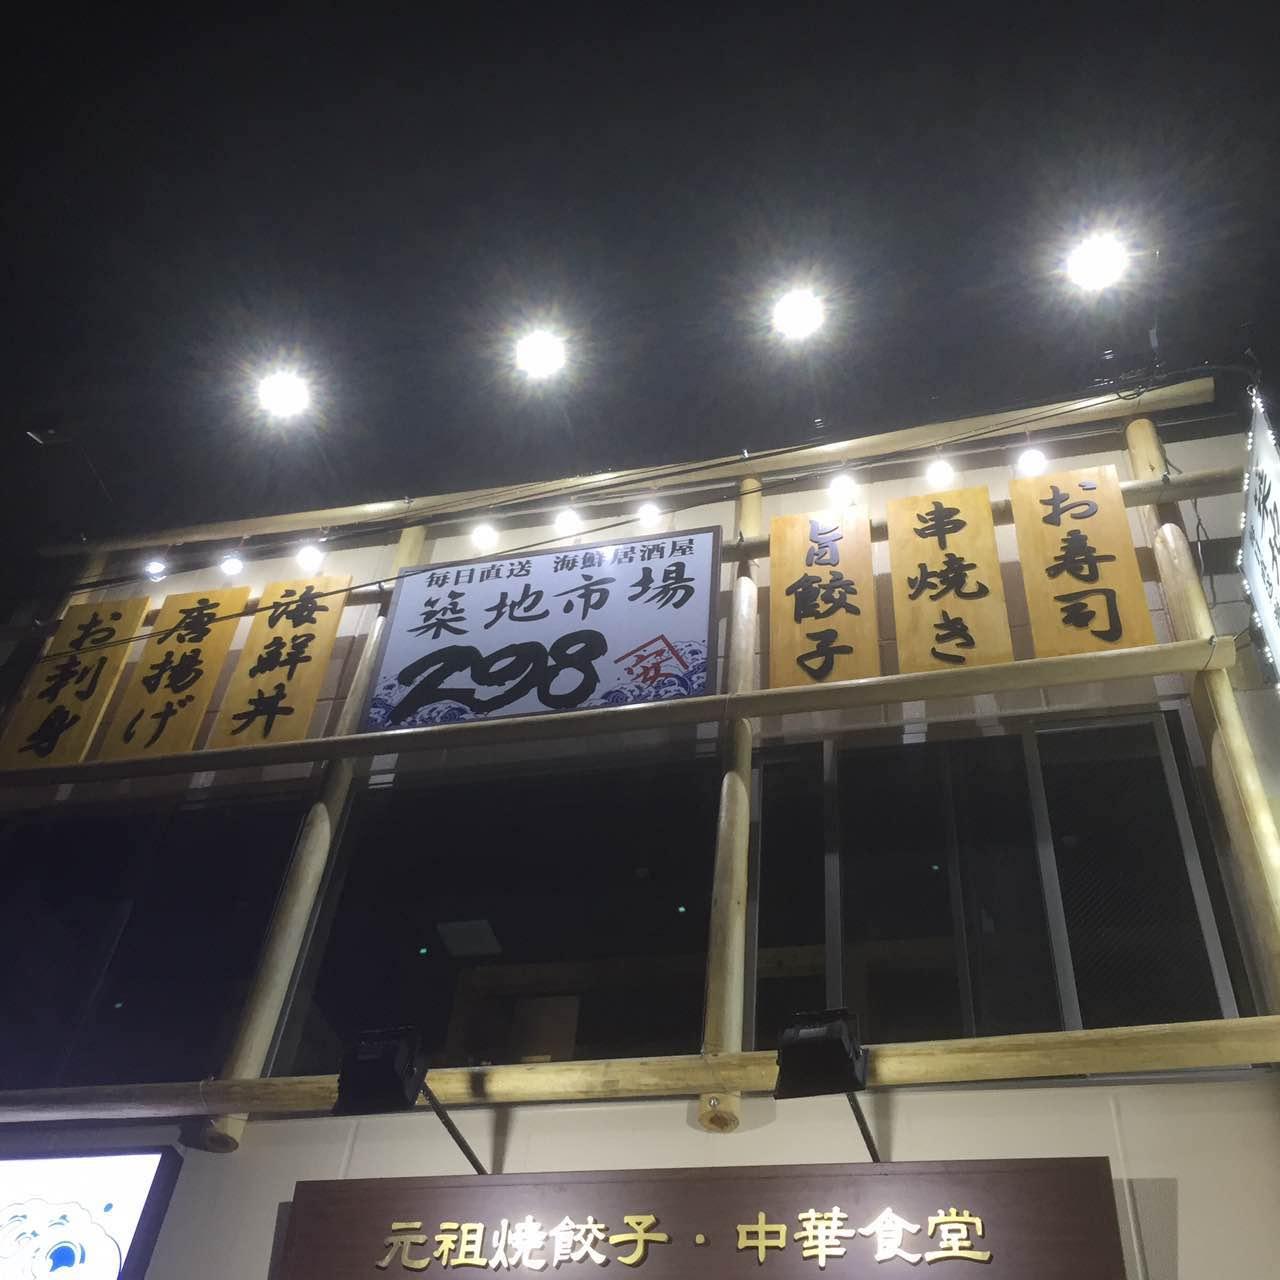 中華餃子屋さん 切文字